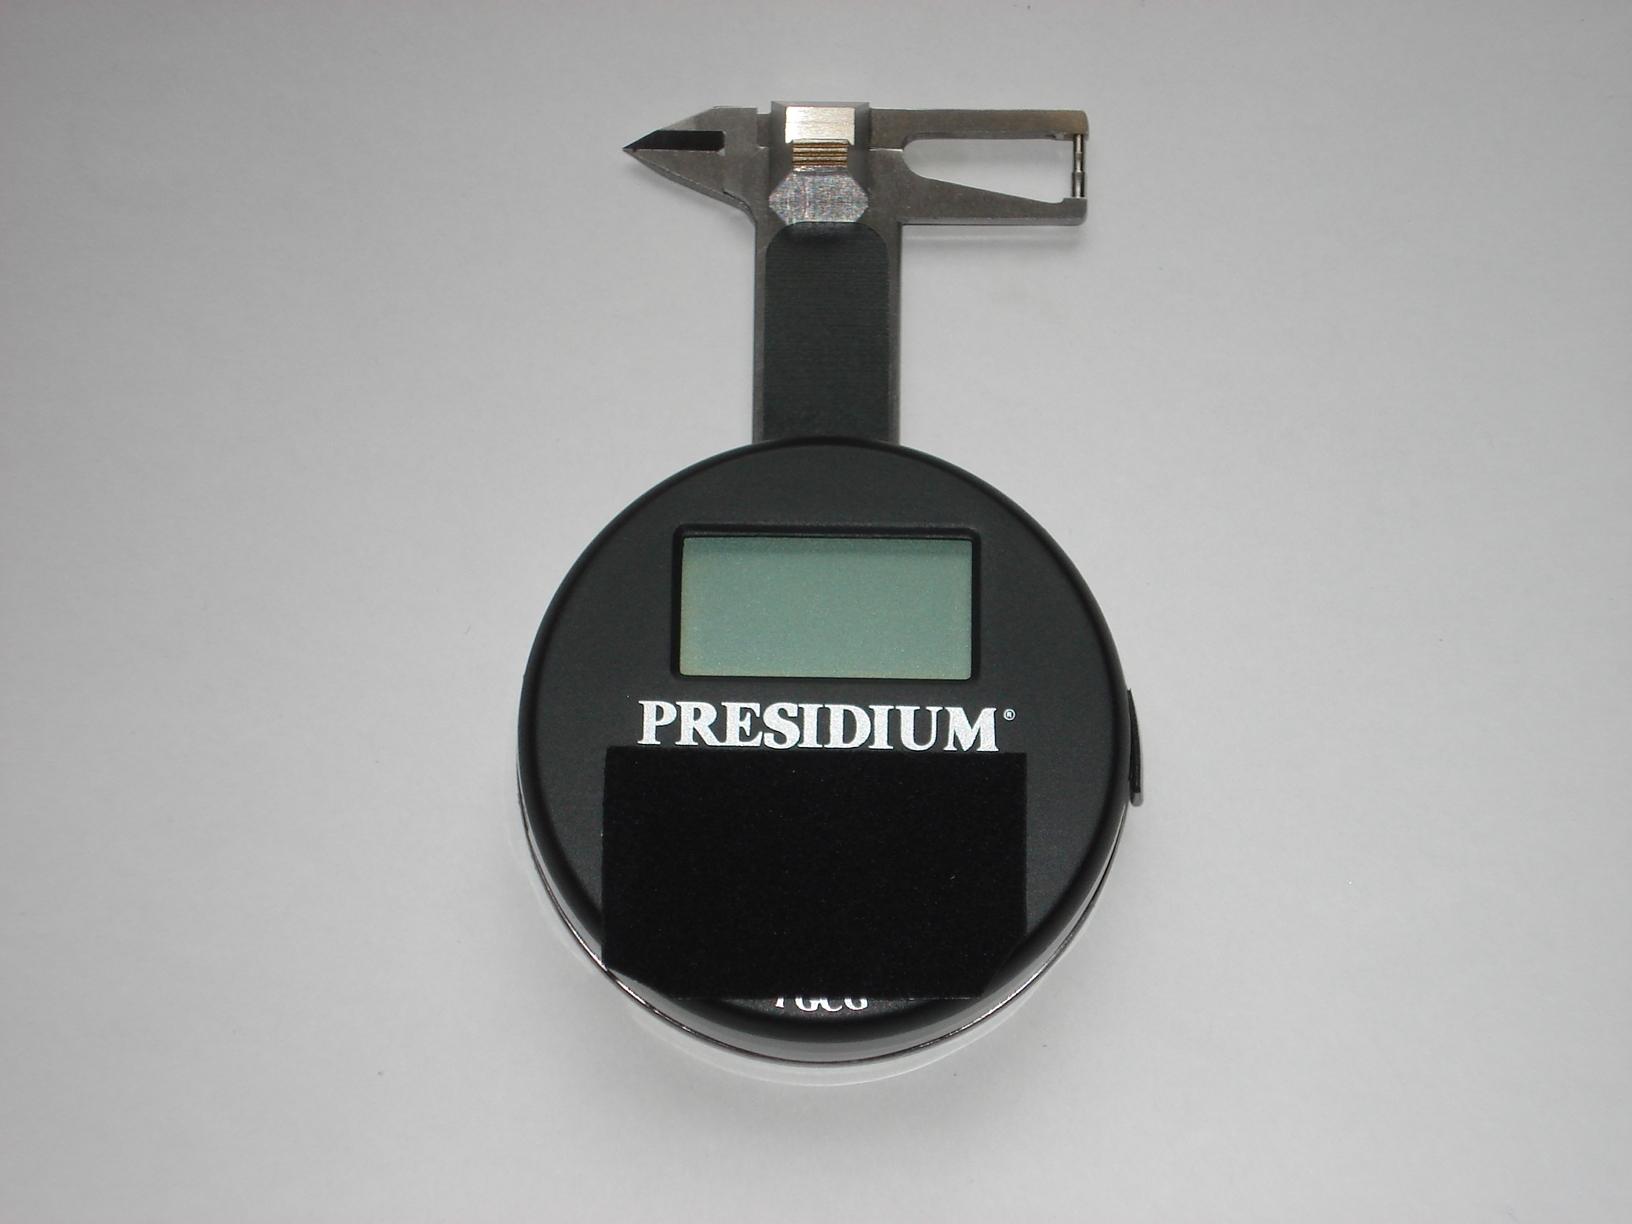 Elektronisches Messgerät Presidium